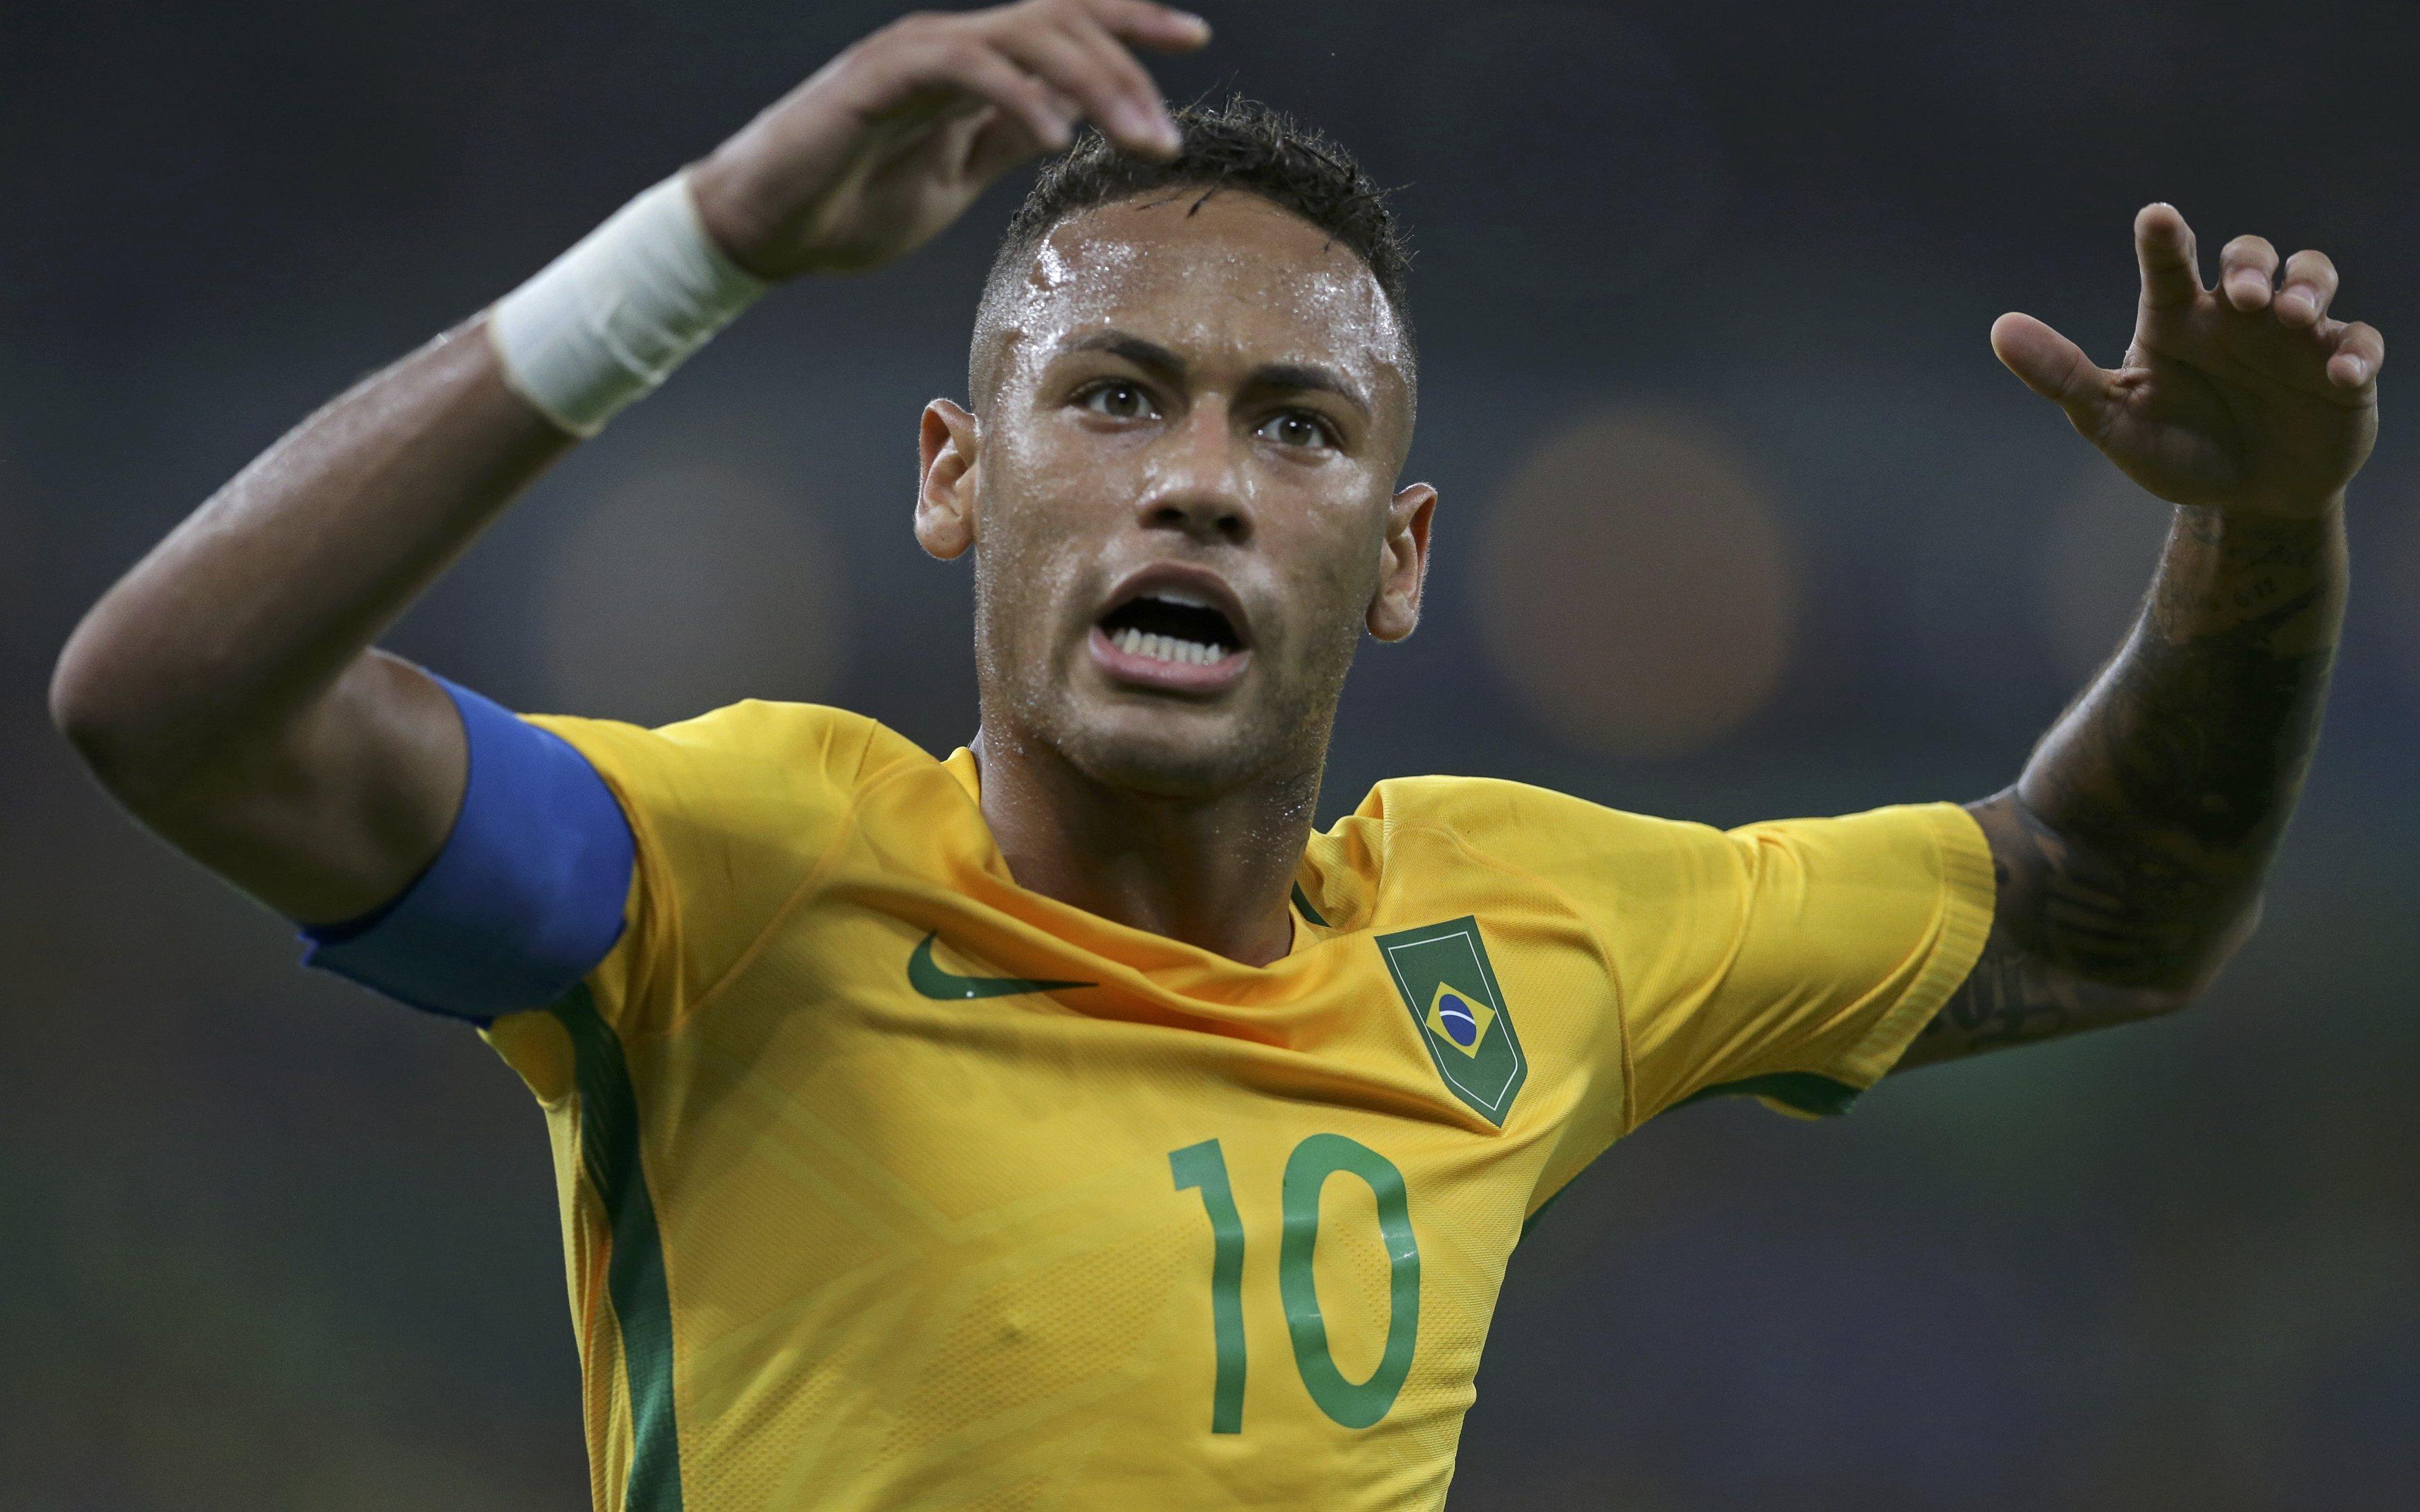 a62d7e4178 Jornalista critica Neymar por abrir mão publicamente da braçadeira de  capitão